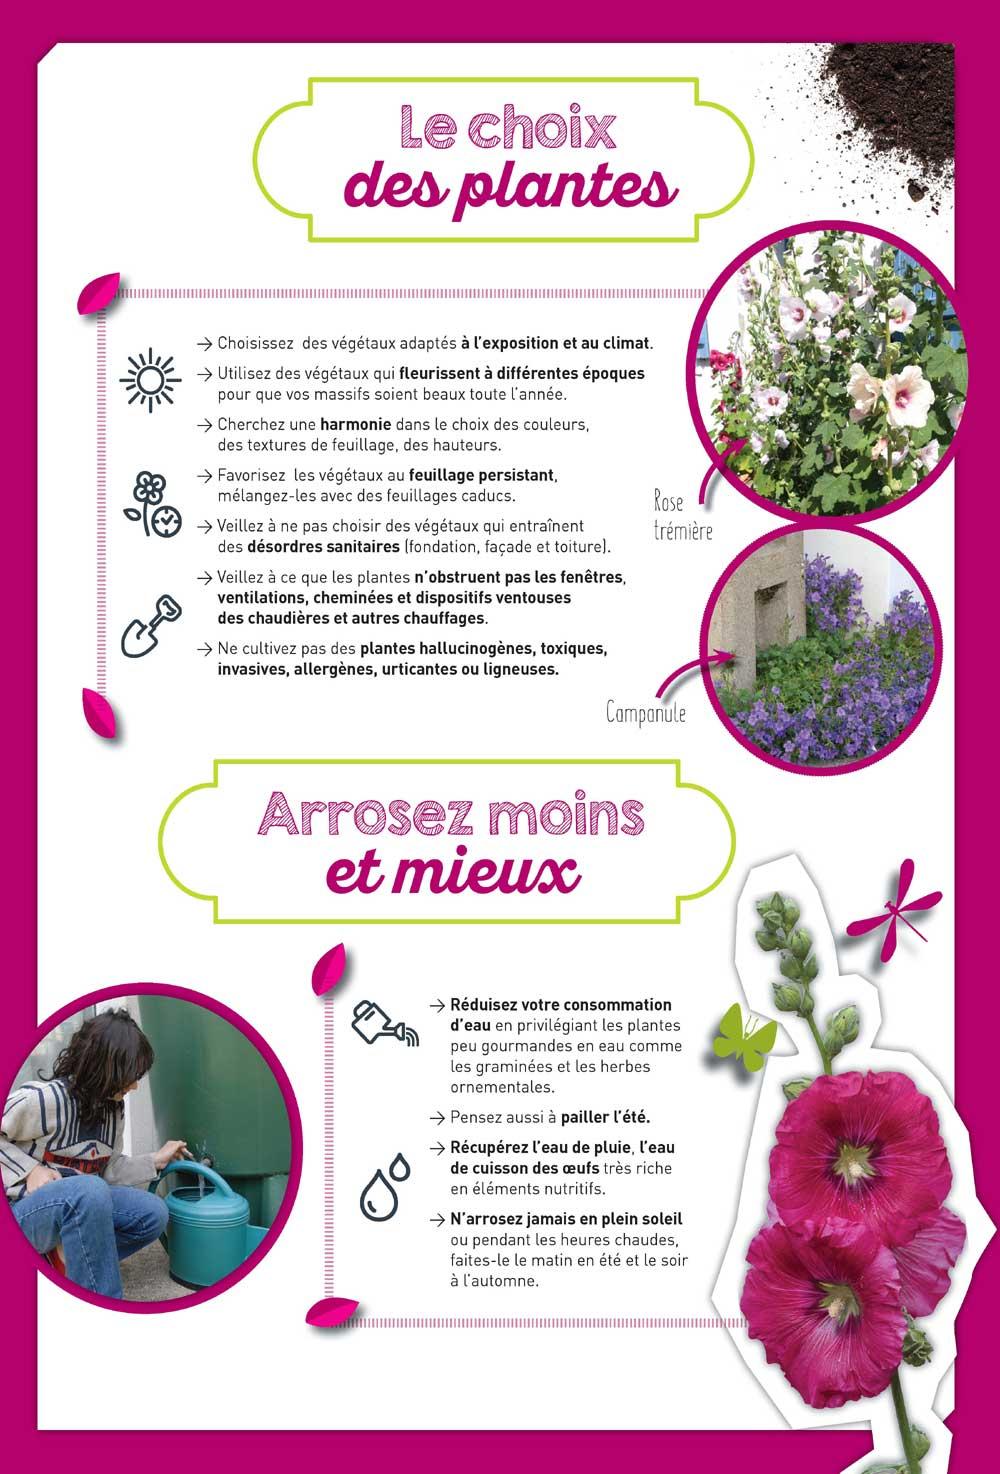 Conseils : choix des plantes et arrosage